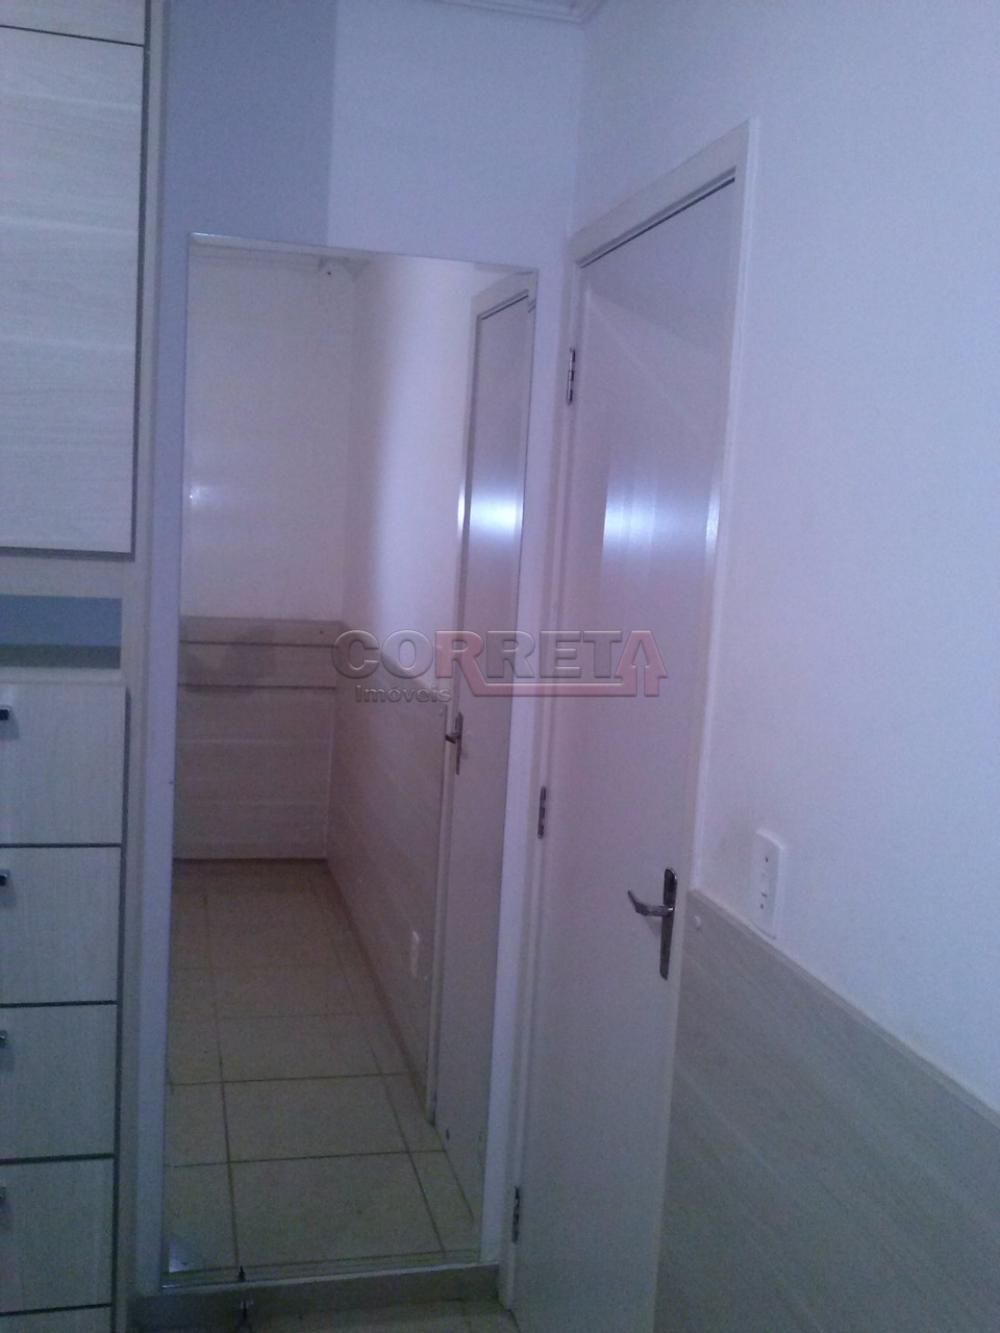 Comprar Apartamento / Padrão em Araçatuba apenas R$ 220.000,00 - Foto 7